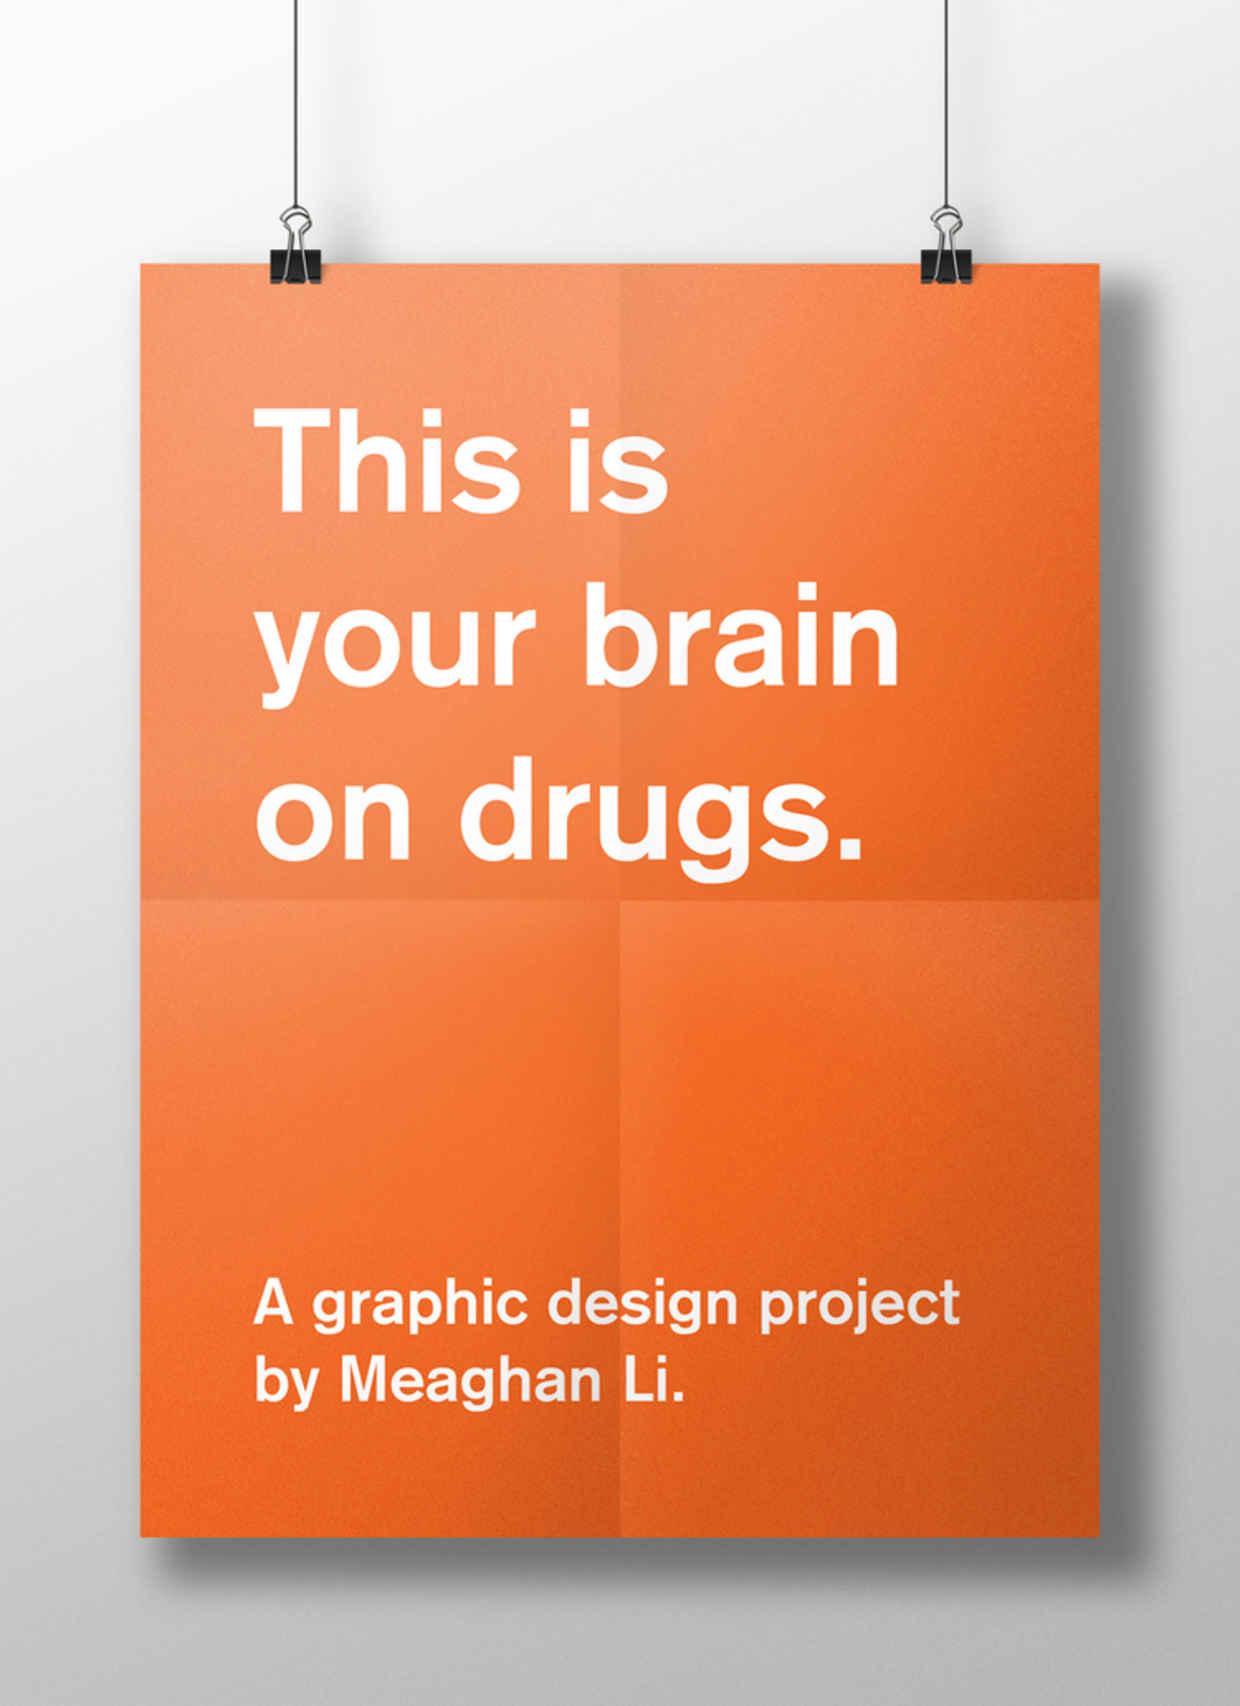 poster-drogue-cerveau-11